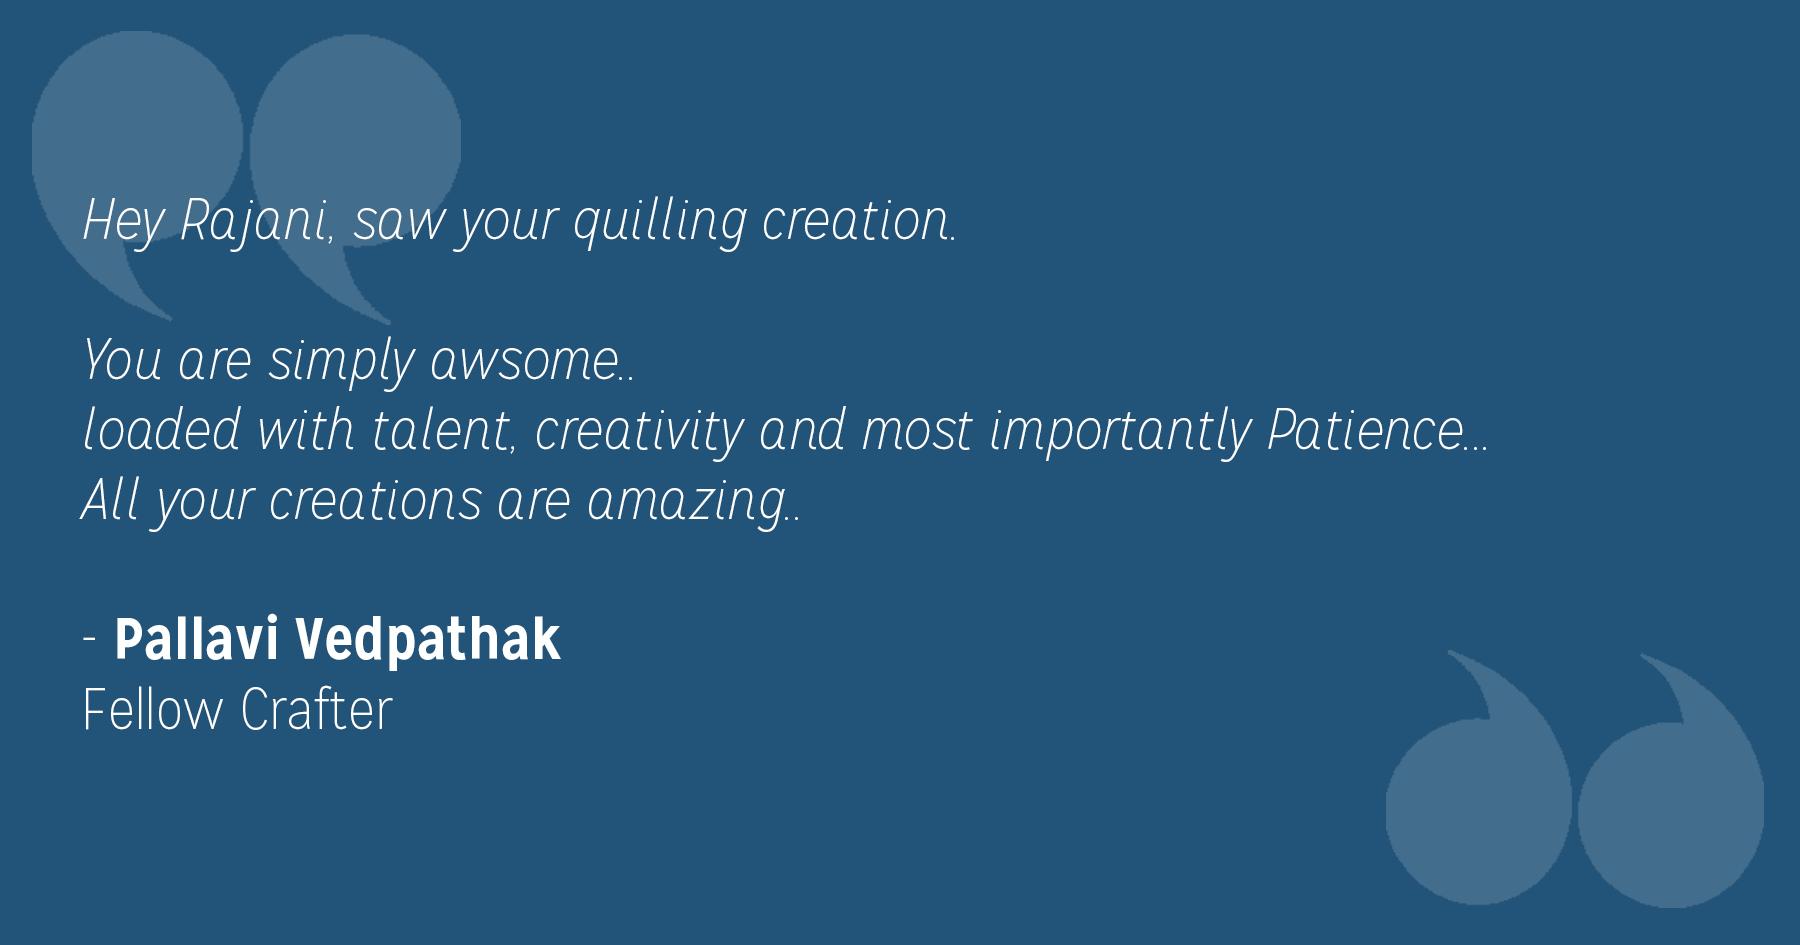 PallaviVedpathak - Copy - Copy